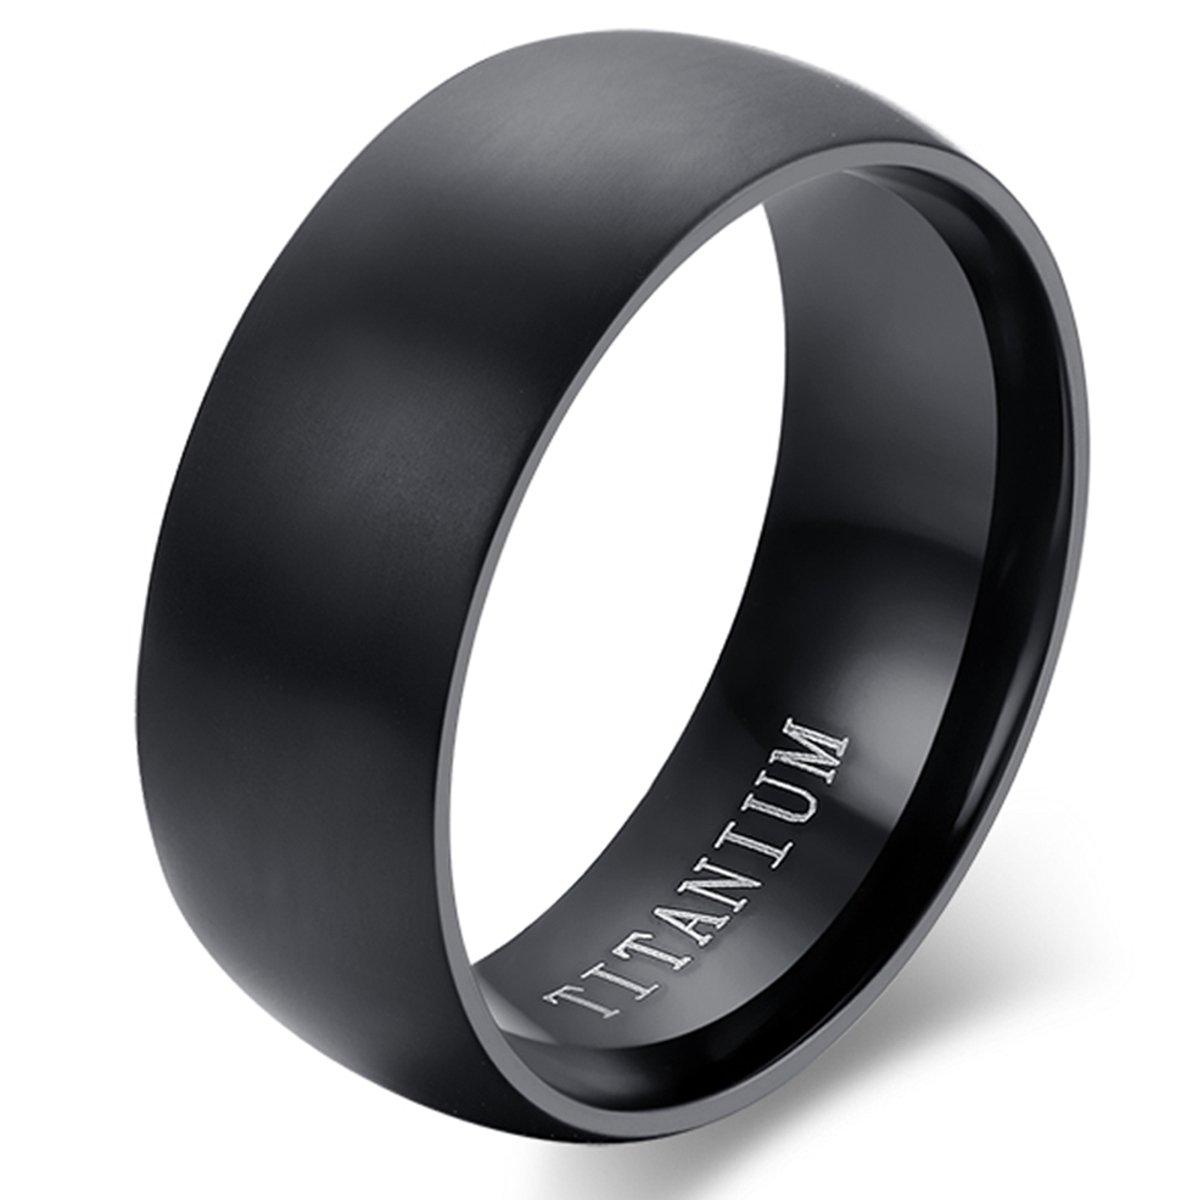 Flongo Bague Titane Titanium Mariage Valentin Engagement Anneaux Large 8mm Couleur Noir Taille Optionnel Classique Poli Bijoux Cadeau Homme FLG38P00149